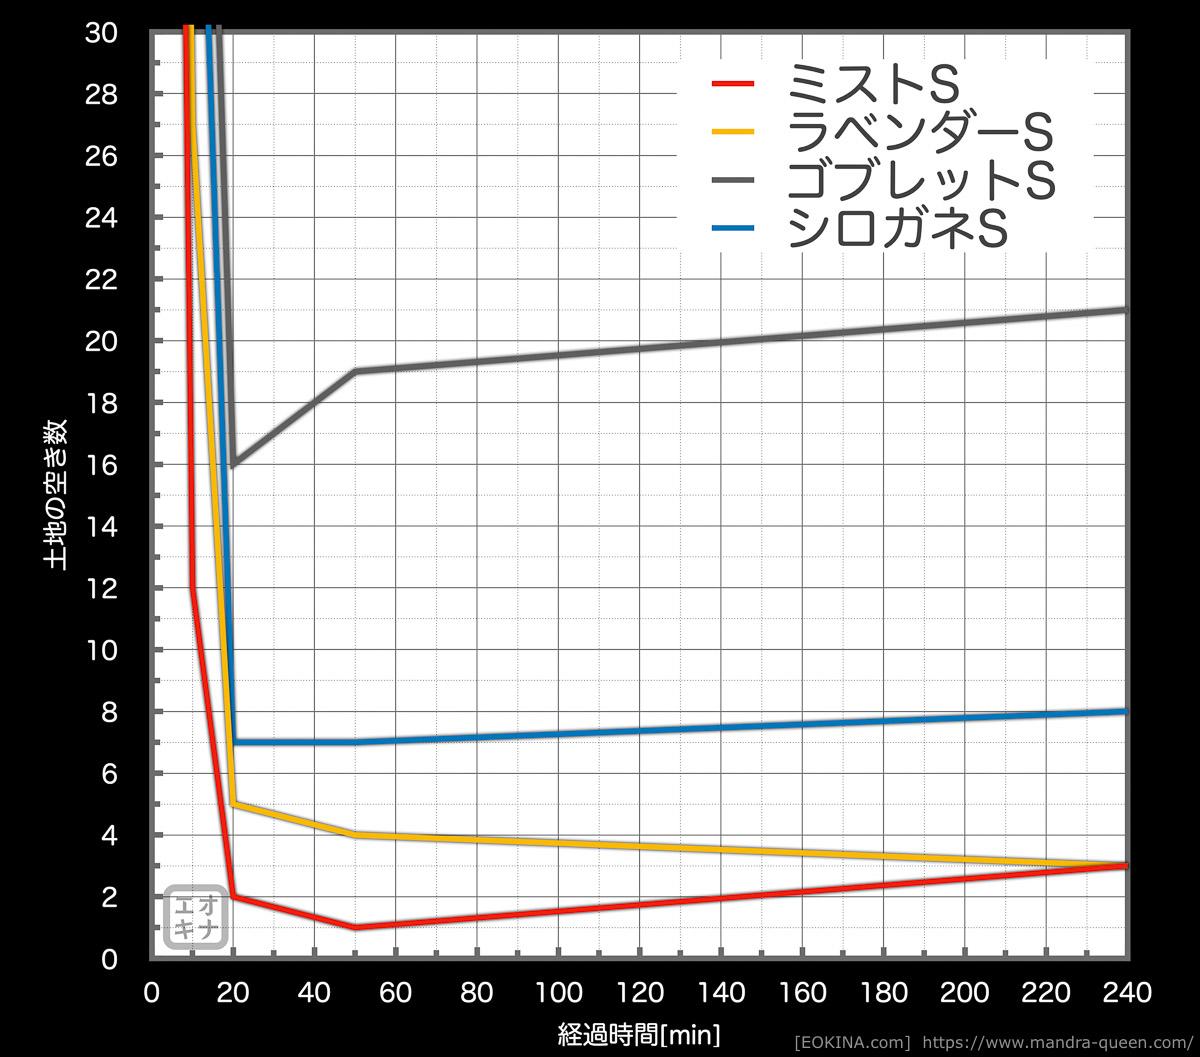 一つ前のグラフを縦軸を30までにして拡大したグラフ。